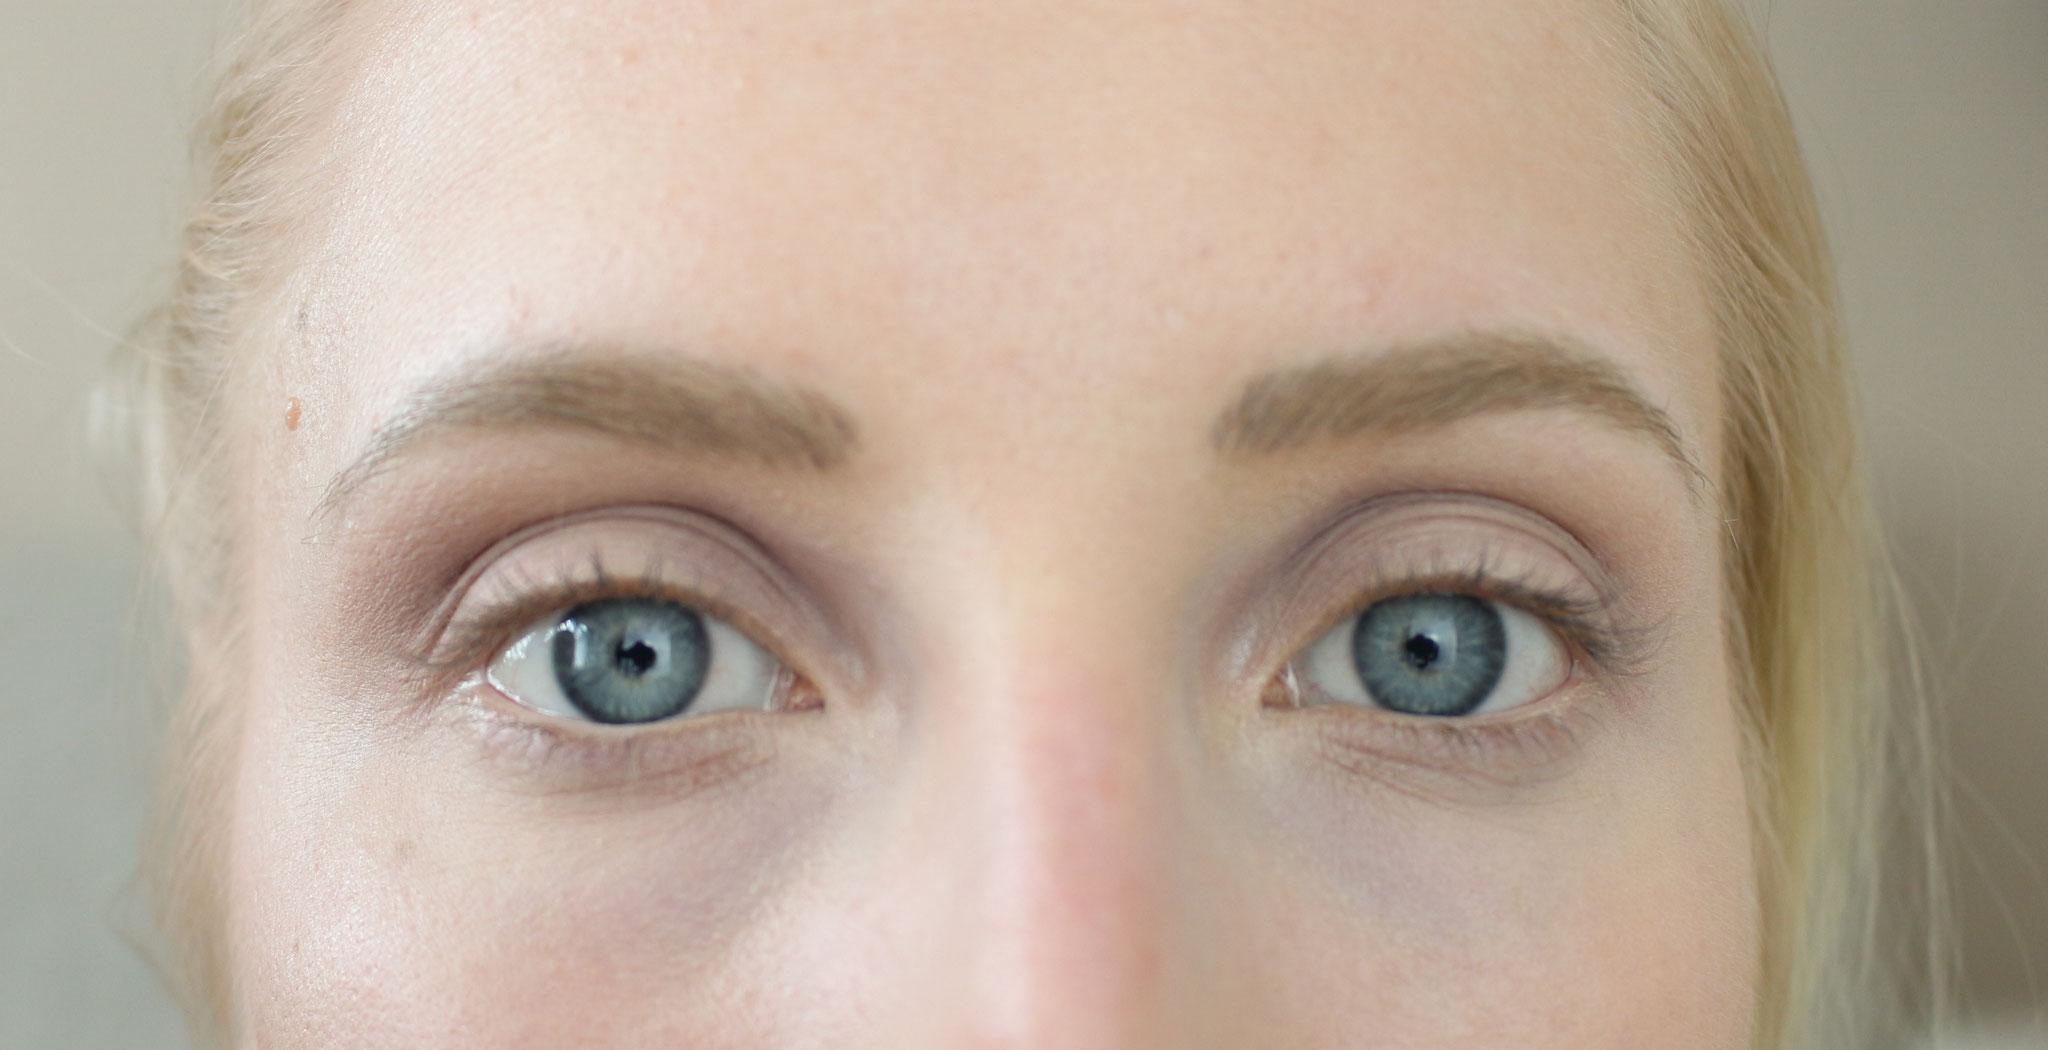 Verzauberkunst Augen Make Up Schritt Für Schritt Dekoration Von 2 - Lidfalte